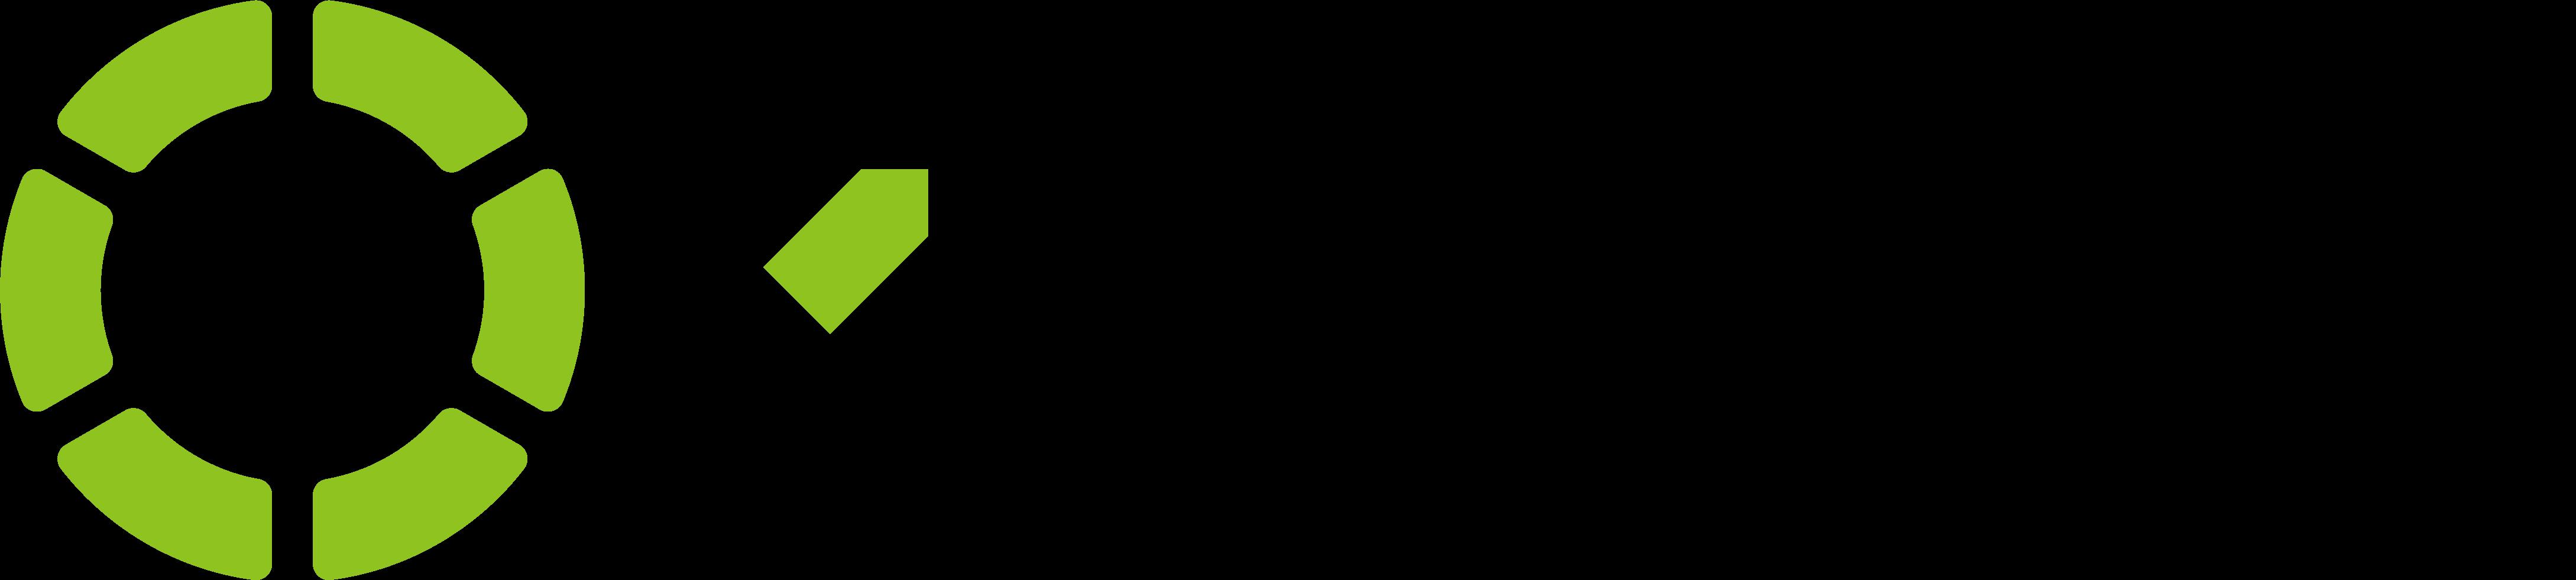 ツール・ド・東北 2021 特別大会 スマイルマーク・ロゴ